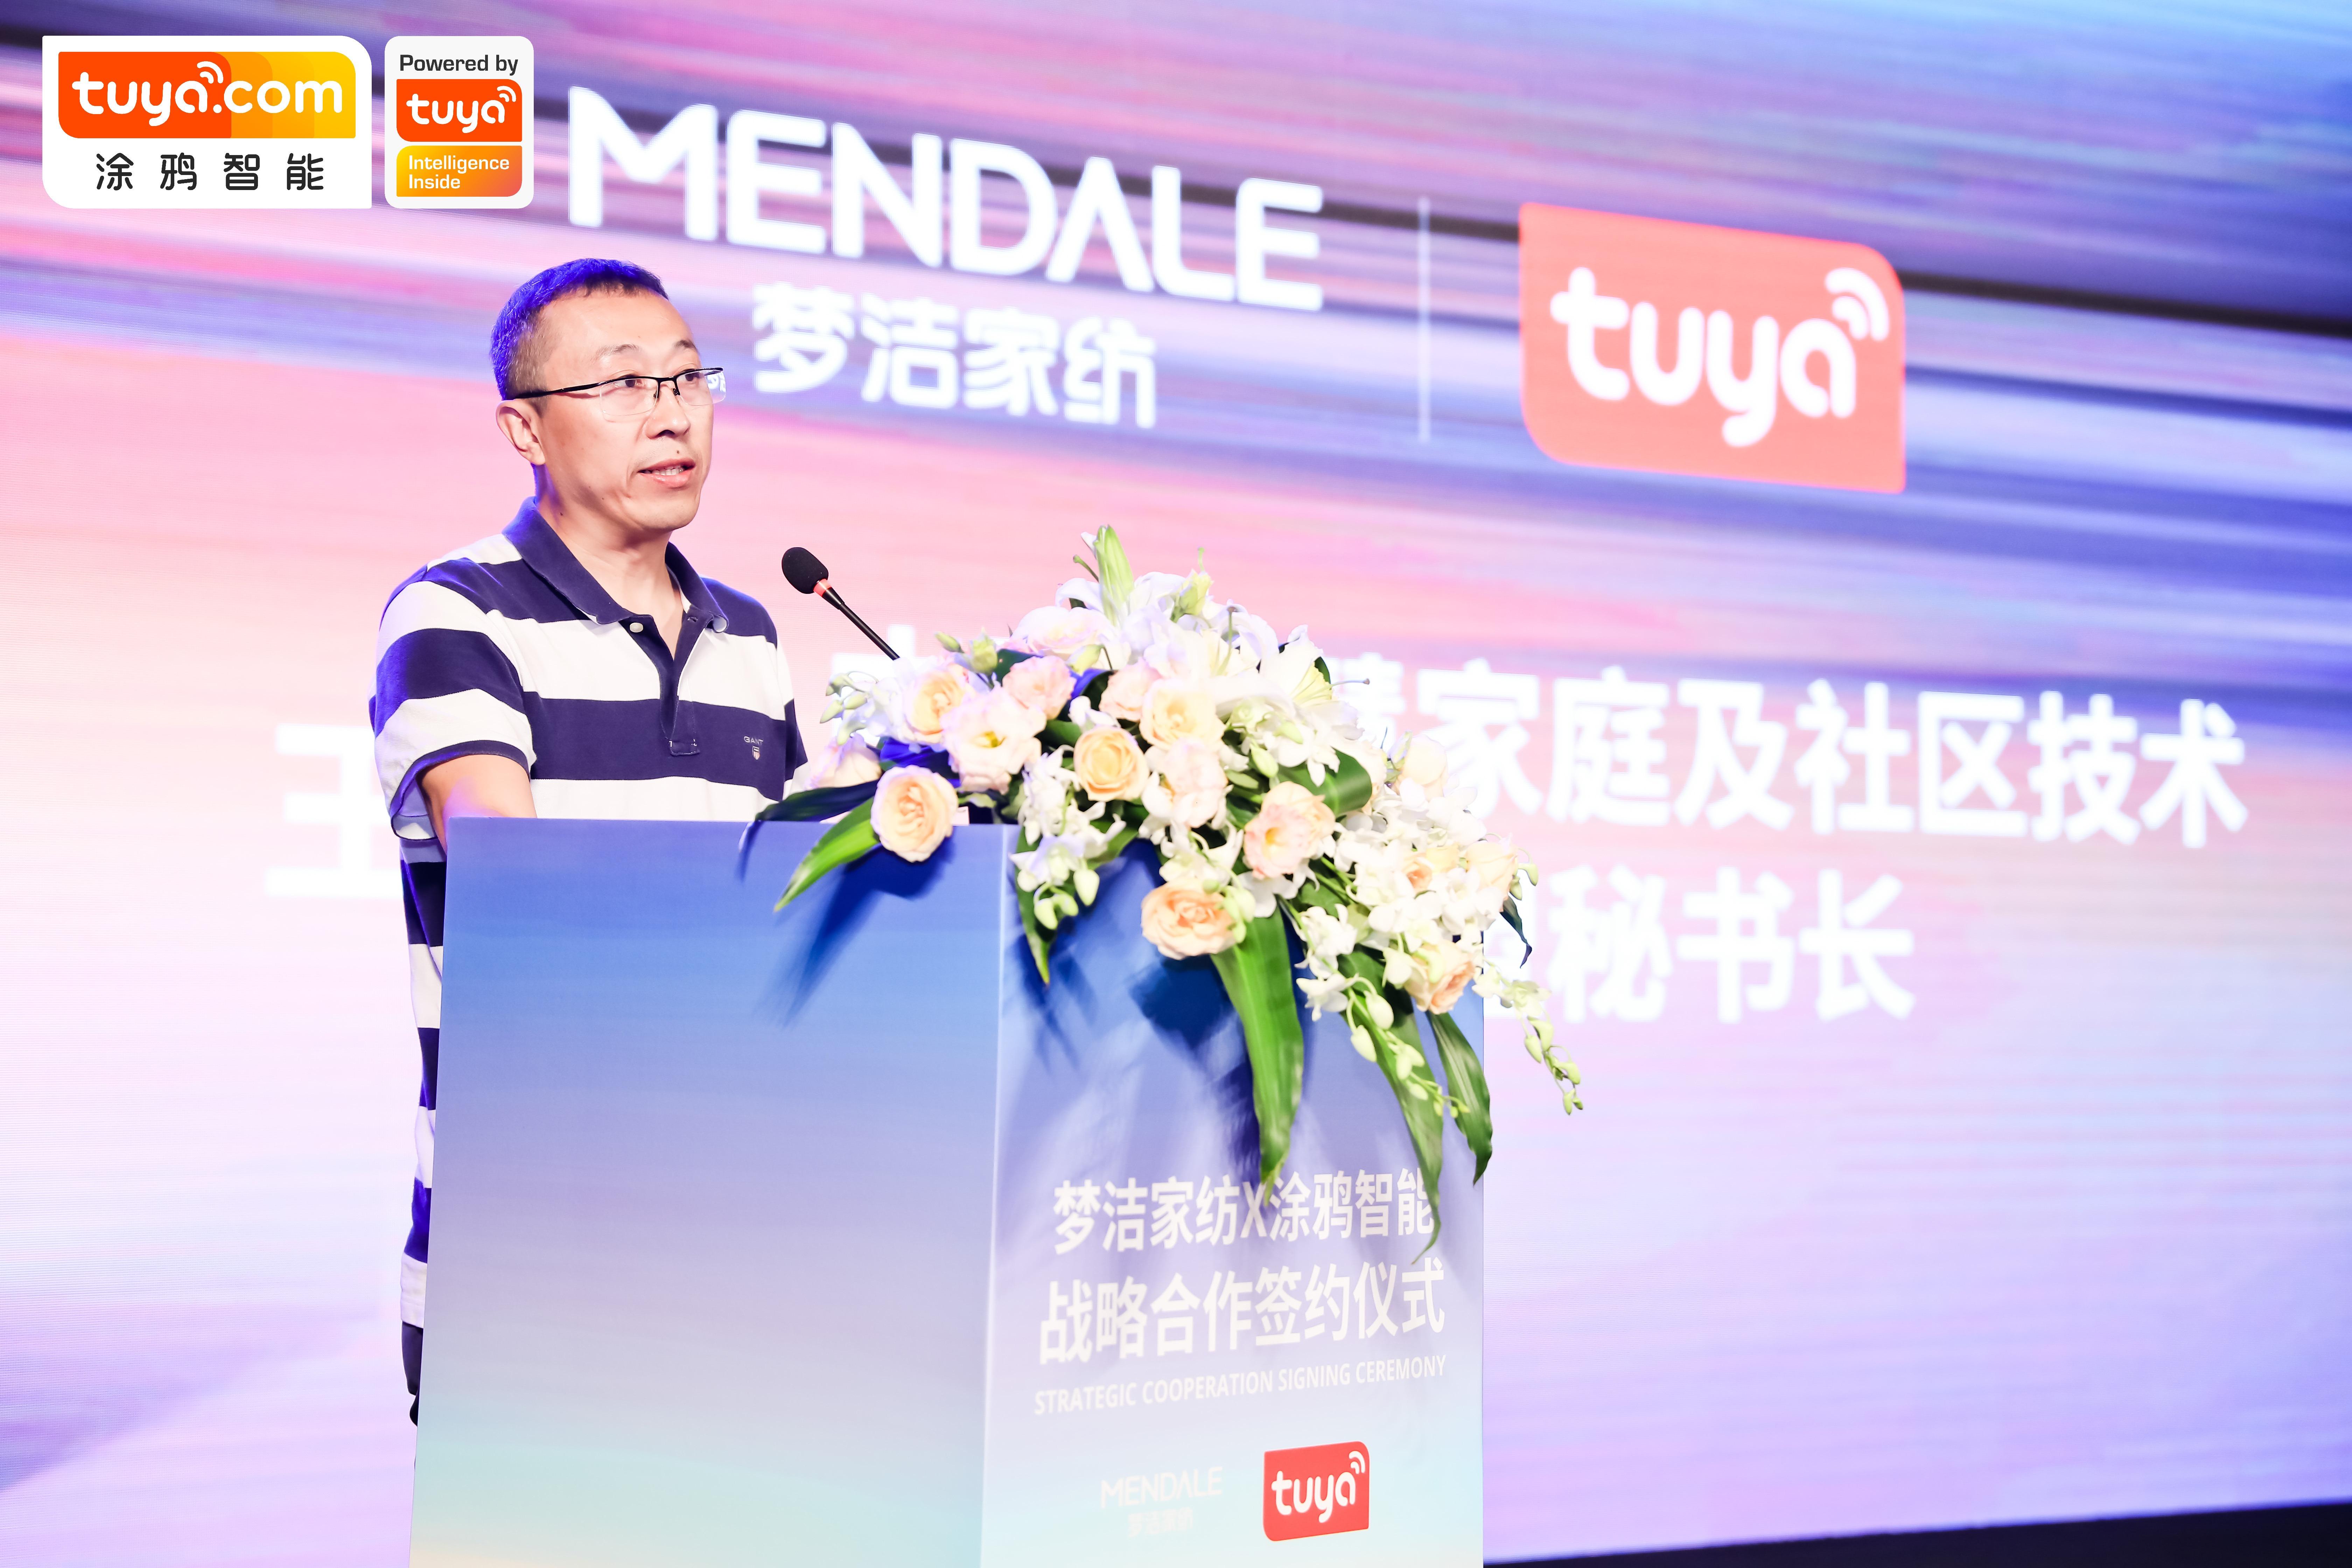 中国智慧家庭及社区技术与应用联盟秘书长王玺致辞